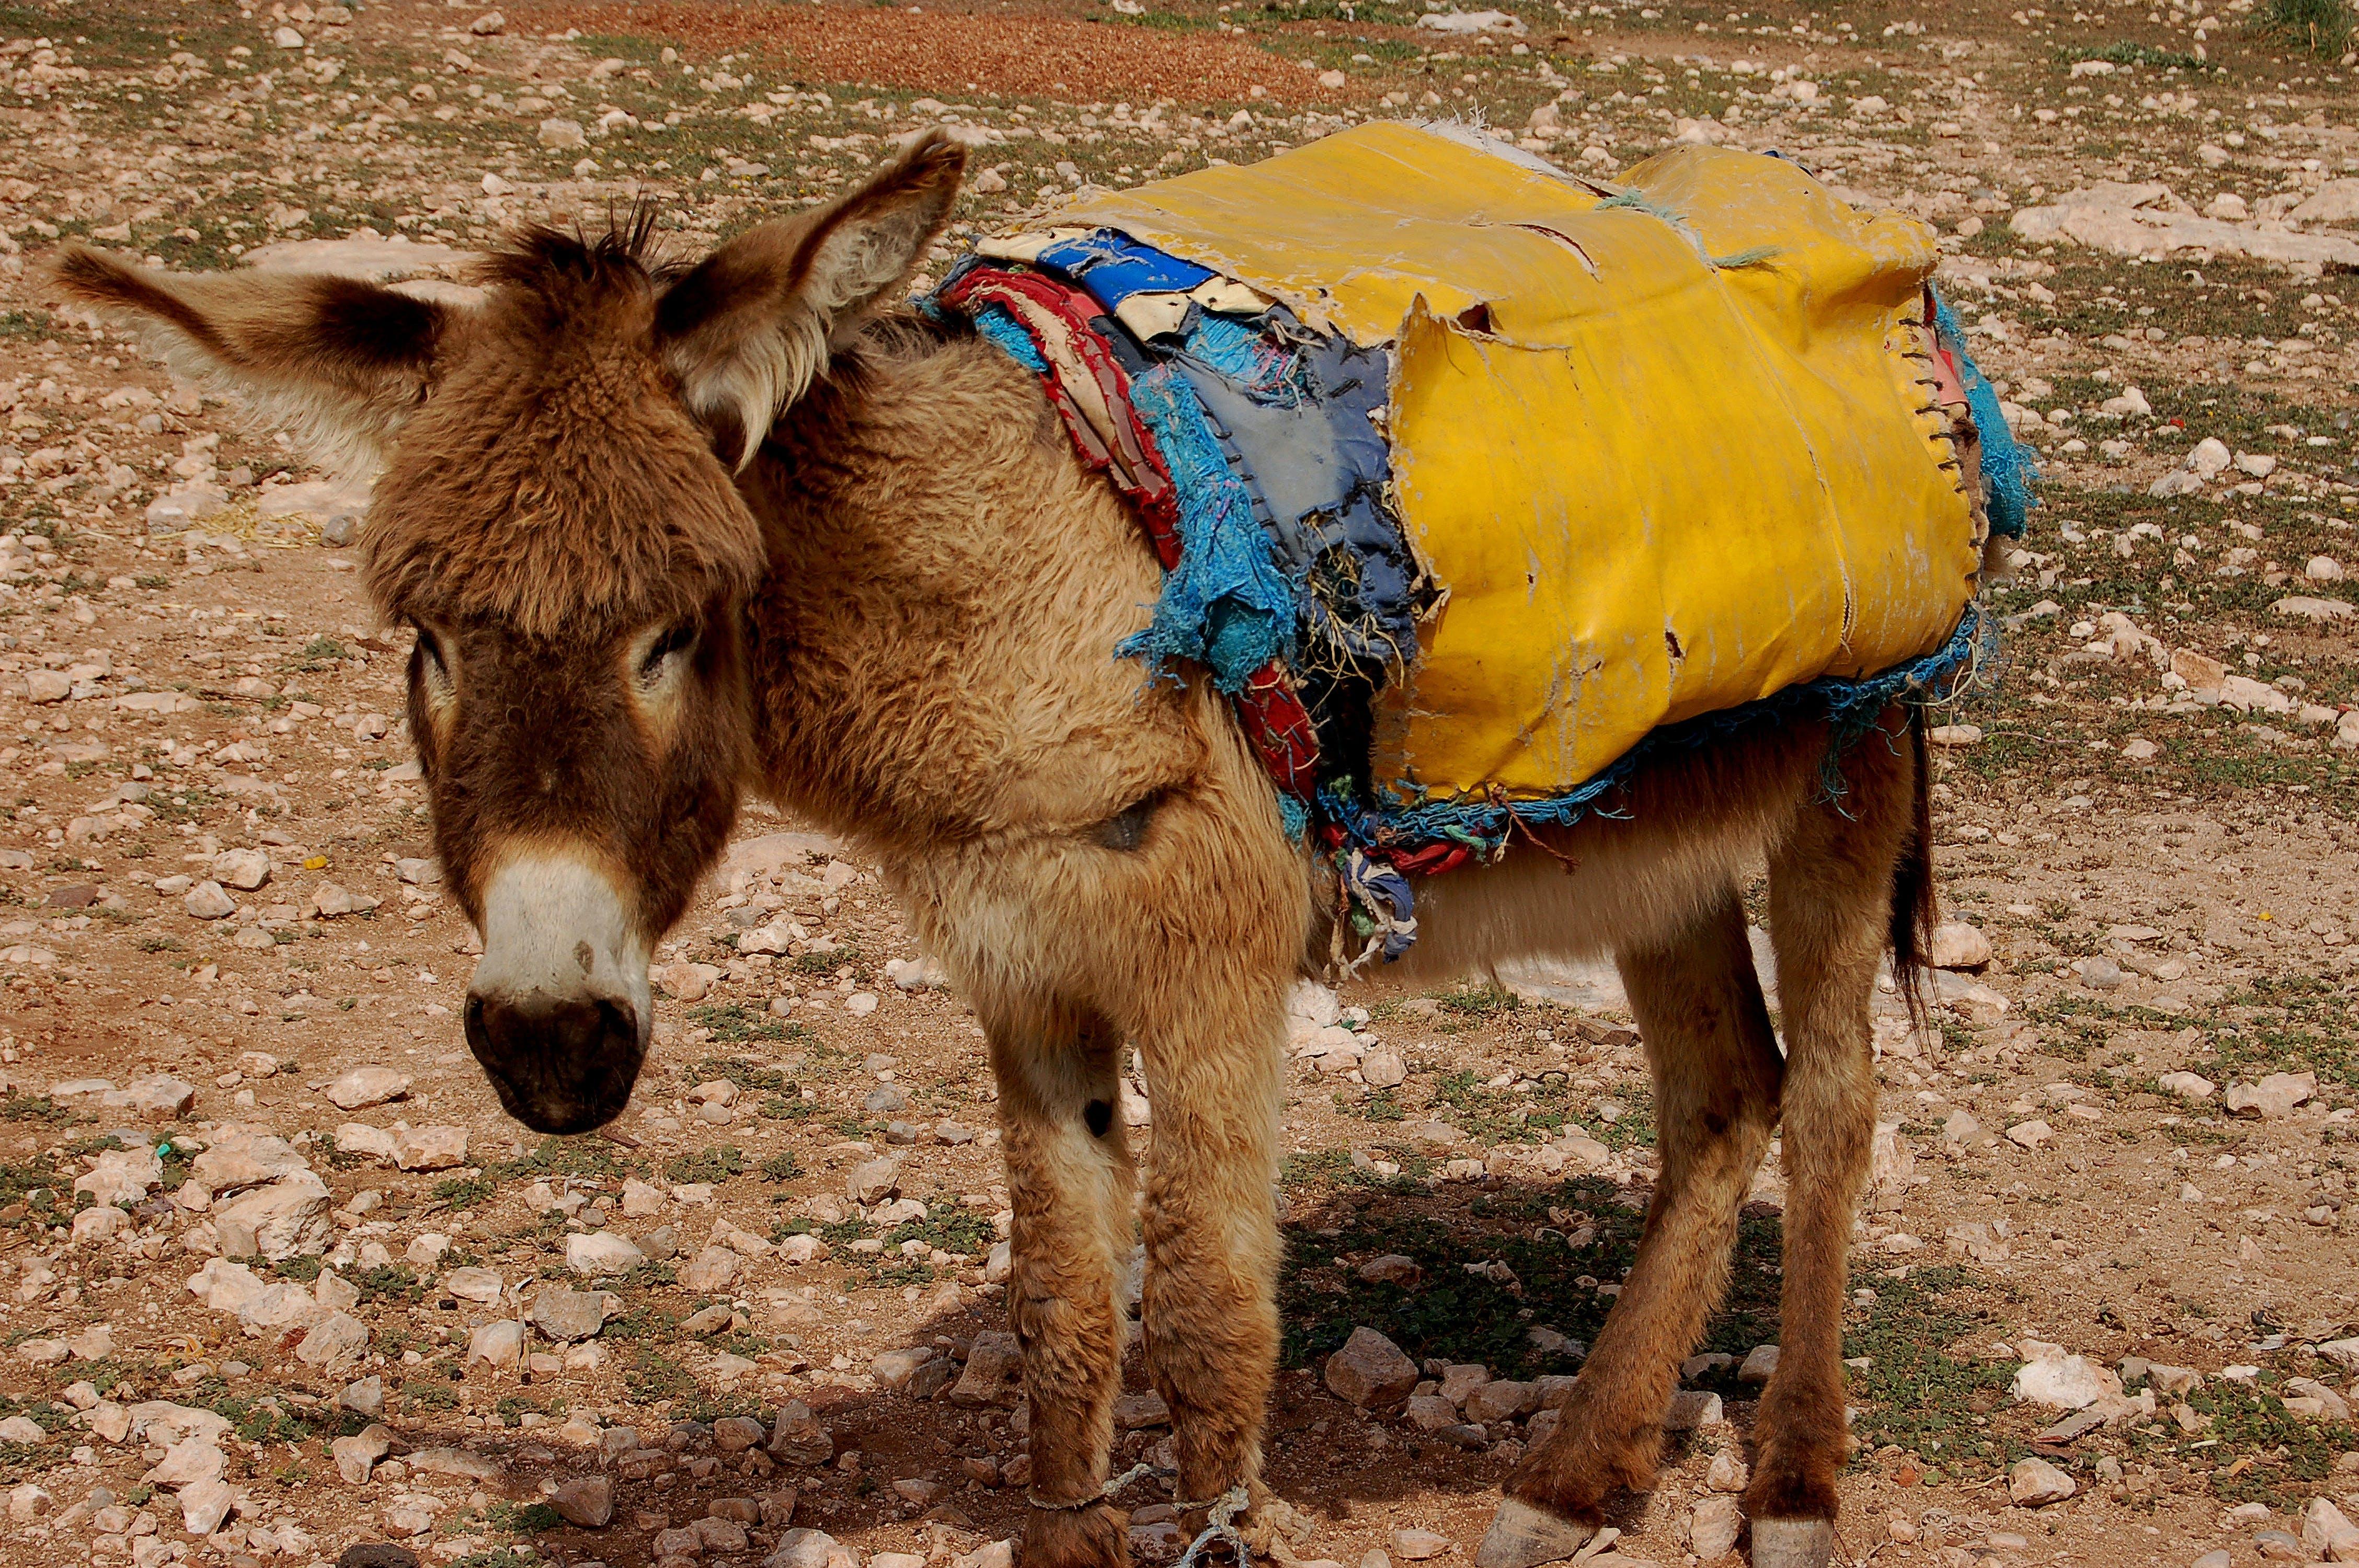 Fotos de stock gratuitas de animal, animal domestico, Desierto, fauna